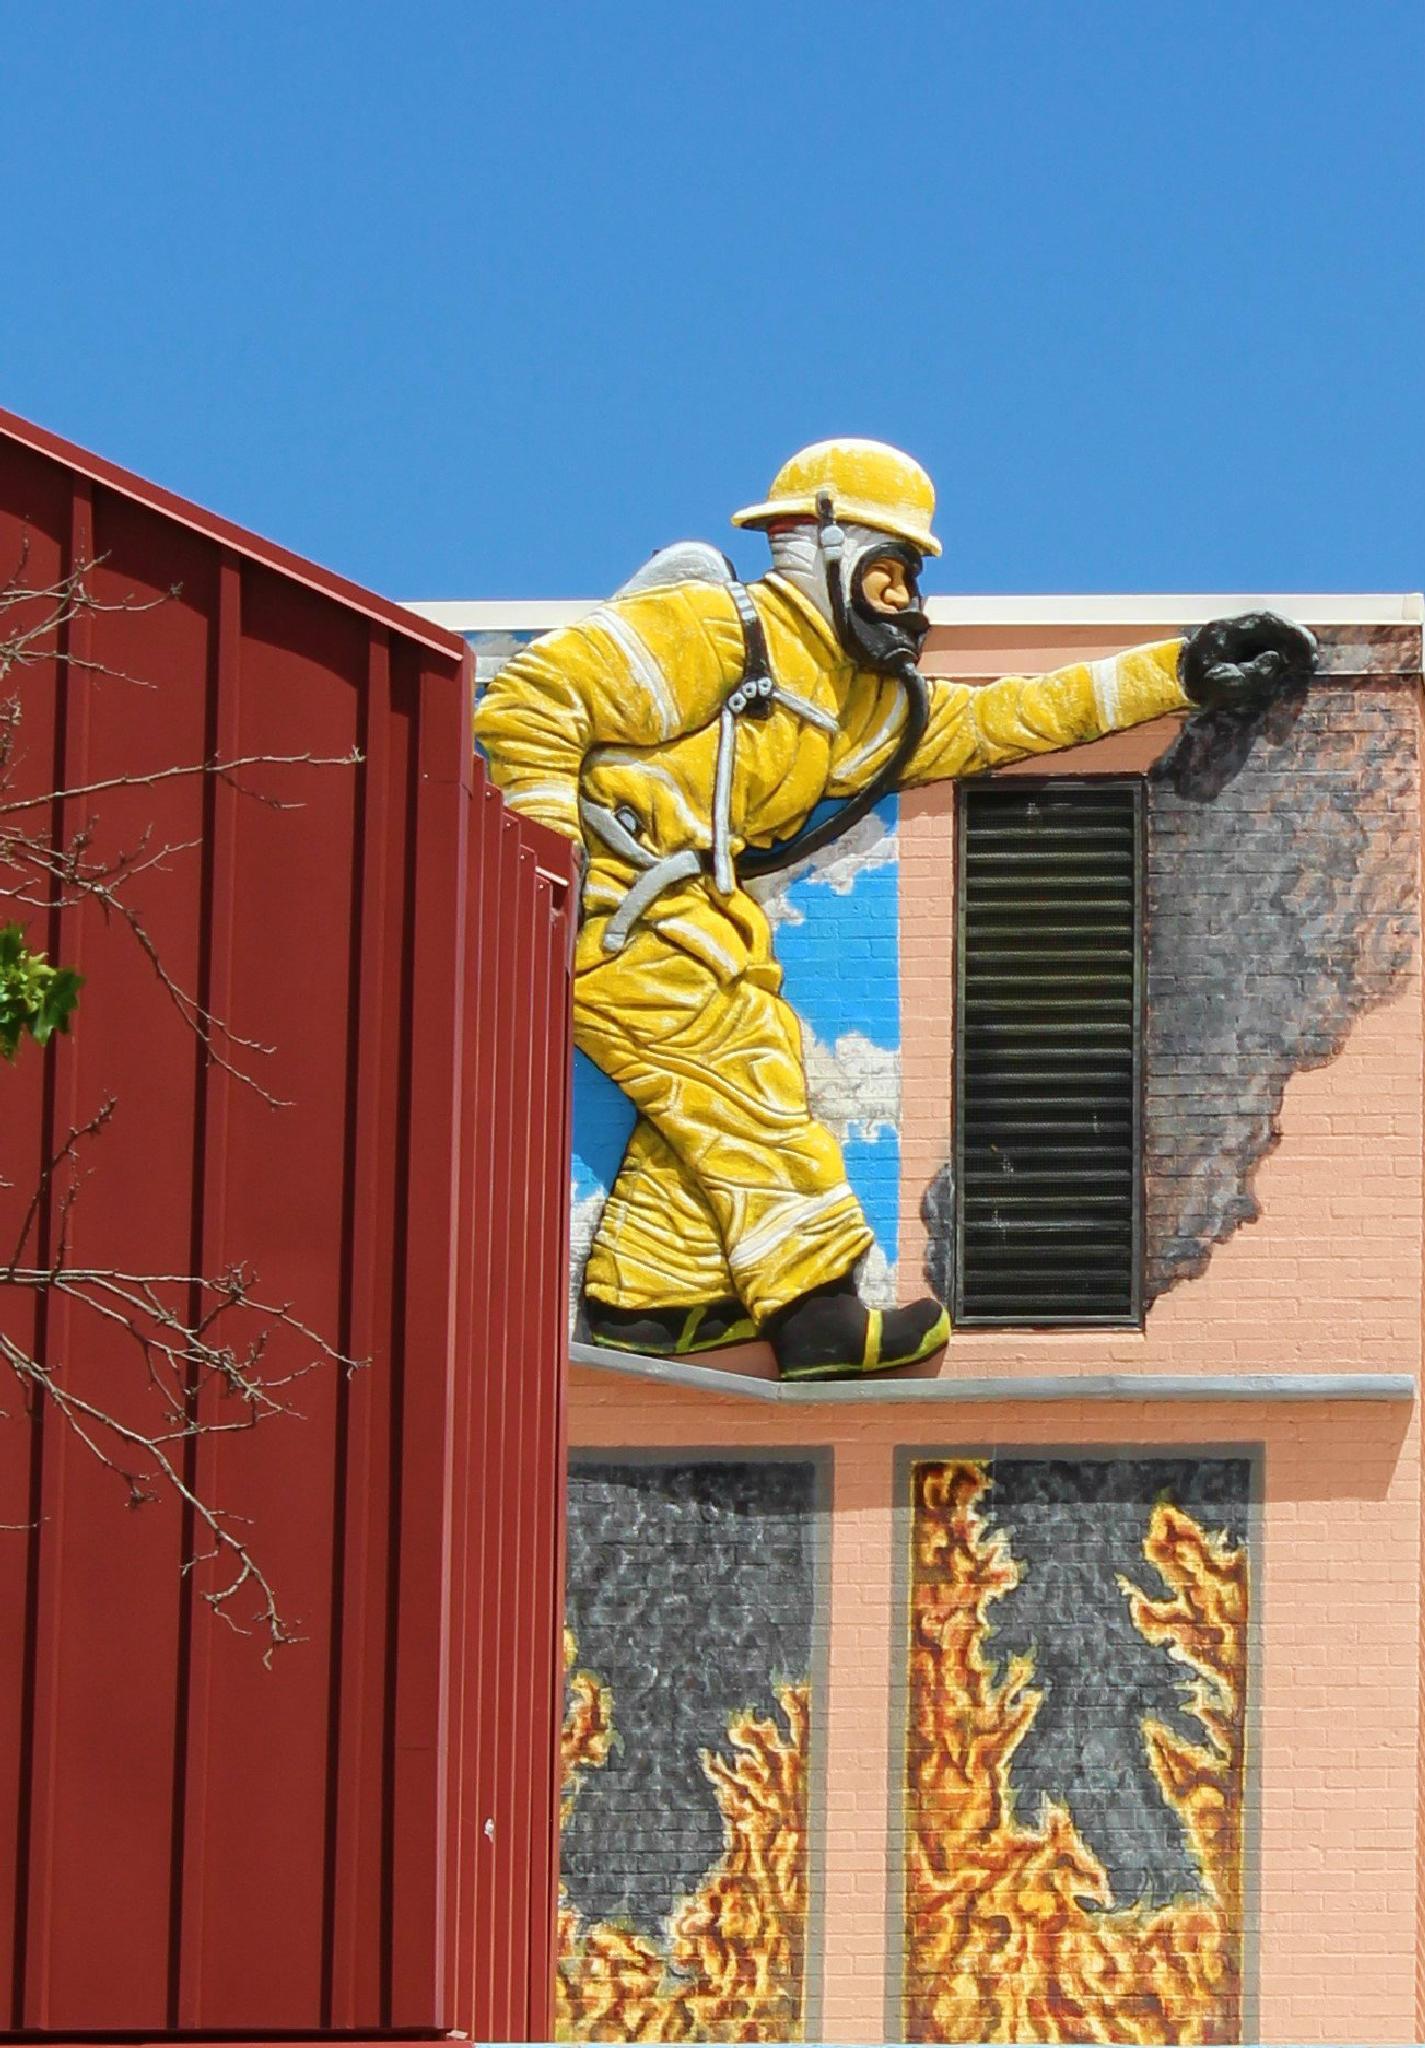 Fireman Mural by Lucretia Bittner